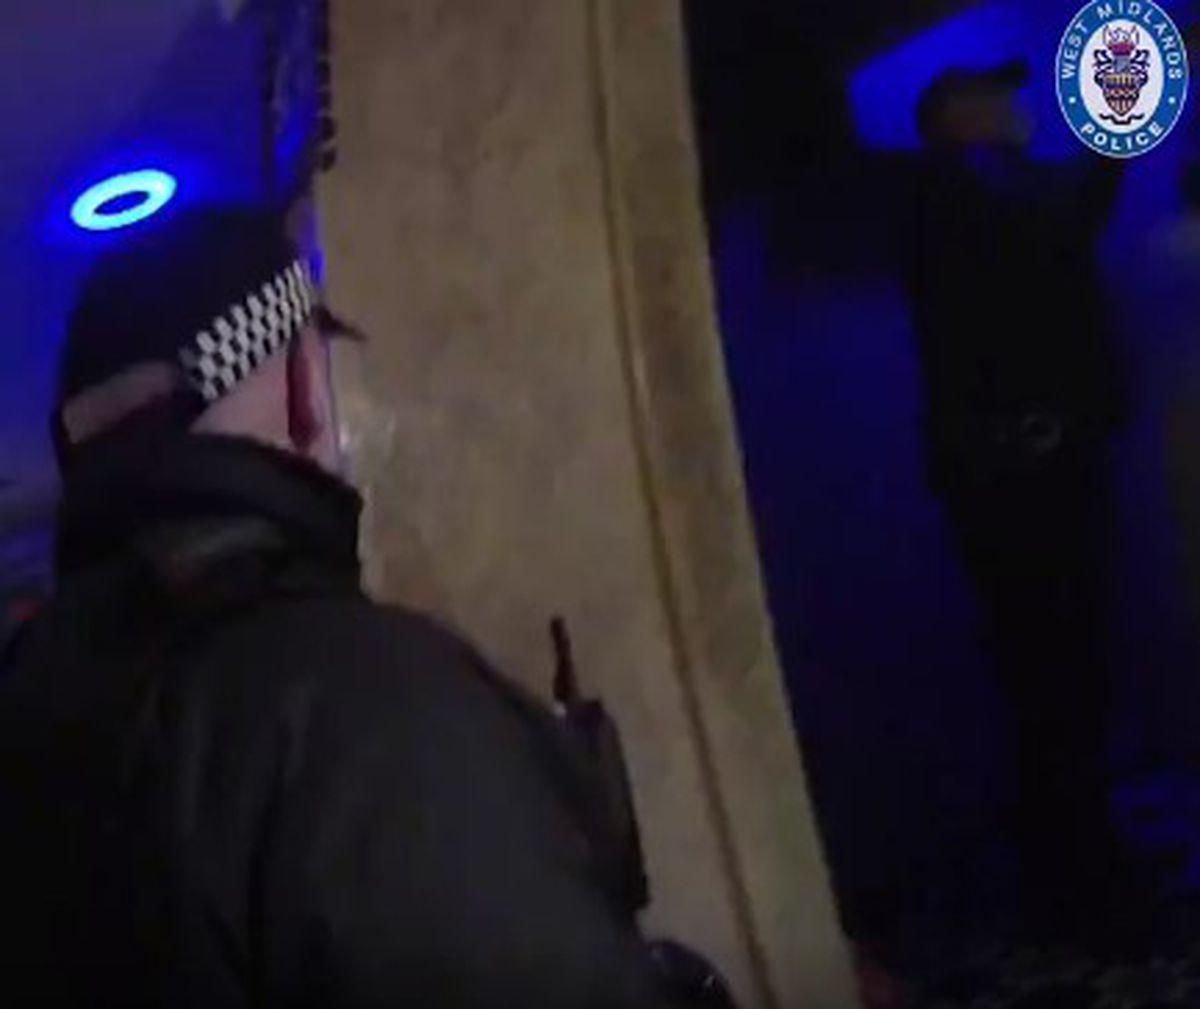 Police at the shisha bar in Sparkbrook